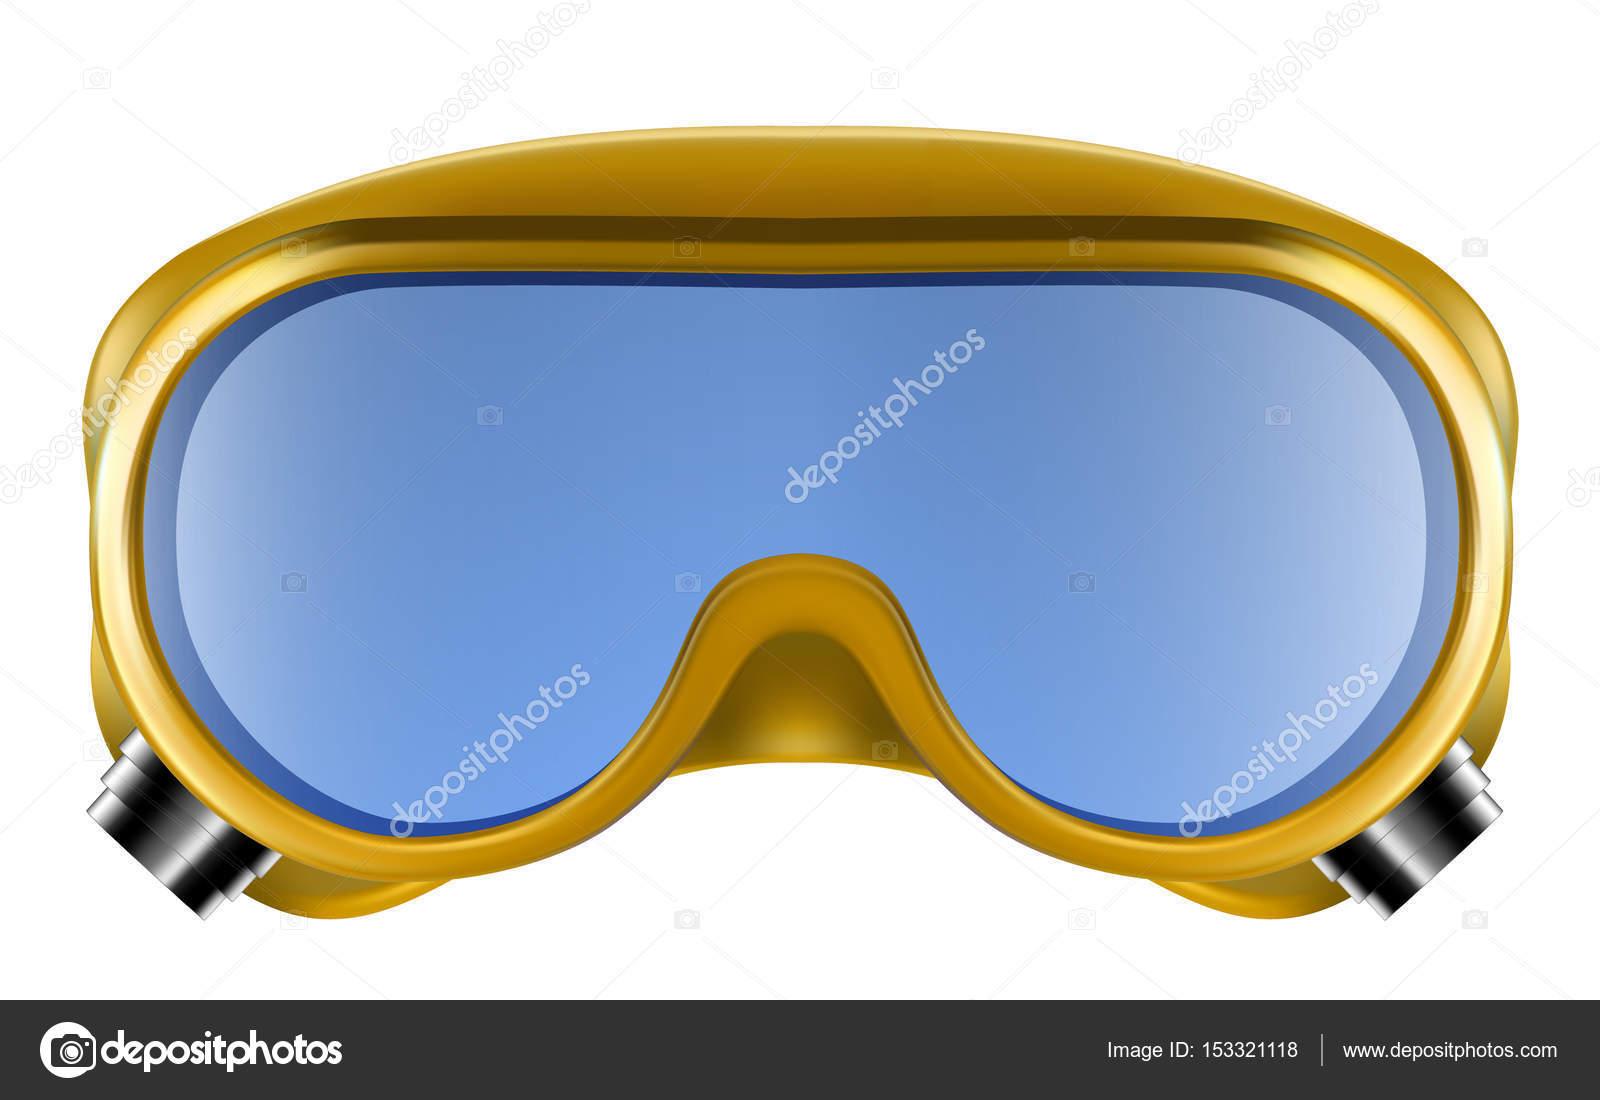 0c3763a60c Κίτρινο πλαστικά βιομηχανικά προστατευτικά γυαλιά απομονωθεί σε λευκό  φόντο. Διάνυσμα 3d απεικόνιση — Διάνυσμα με boule1301